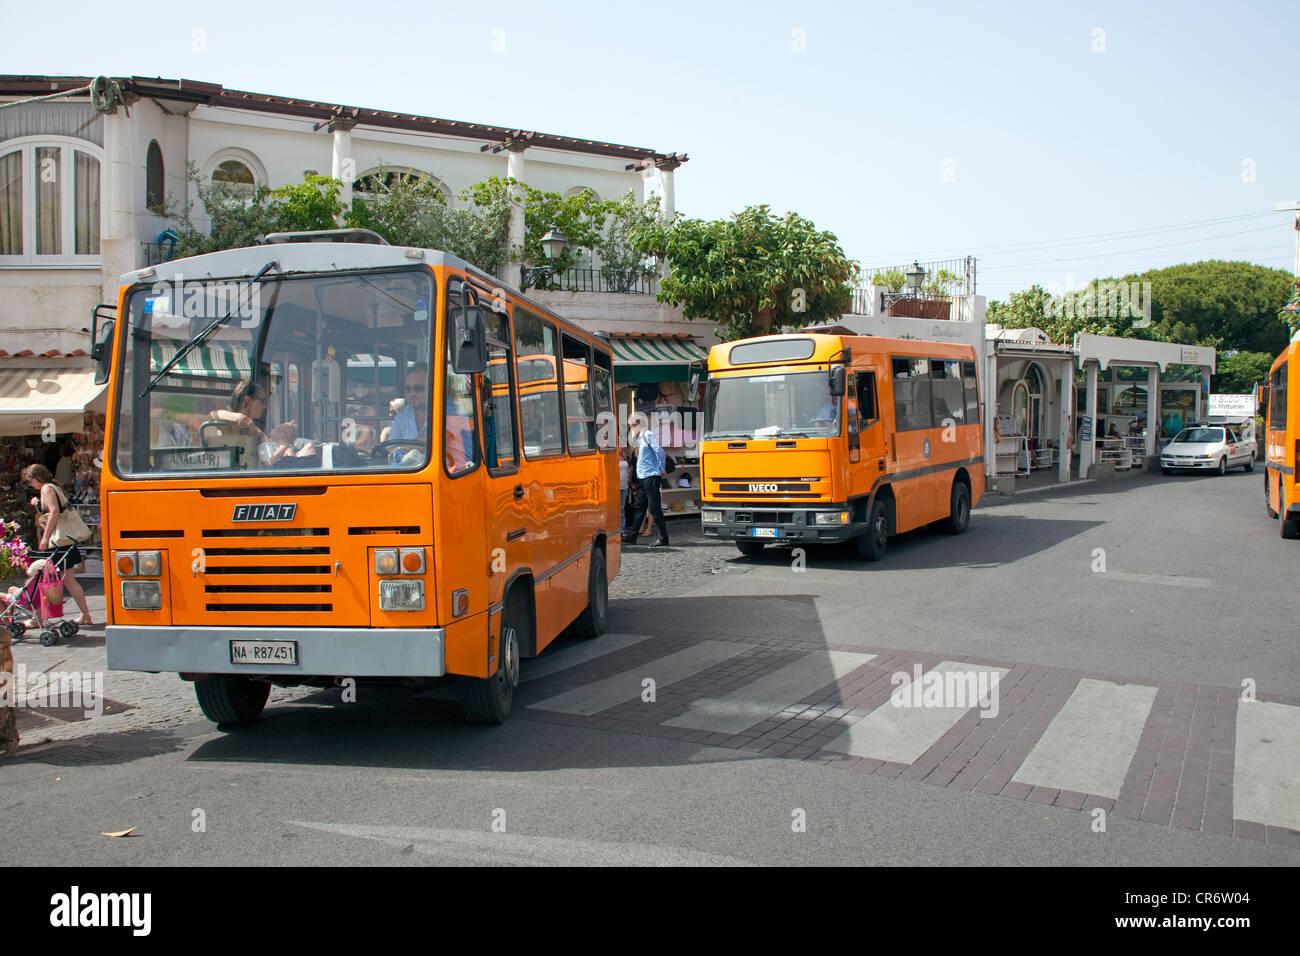 Los autobuses en Anacapri, Capri, en el Golfo de Nápoles, región de Campania, Italia, Europa Imagen De Stock